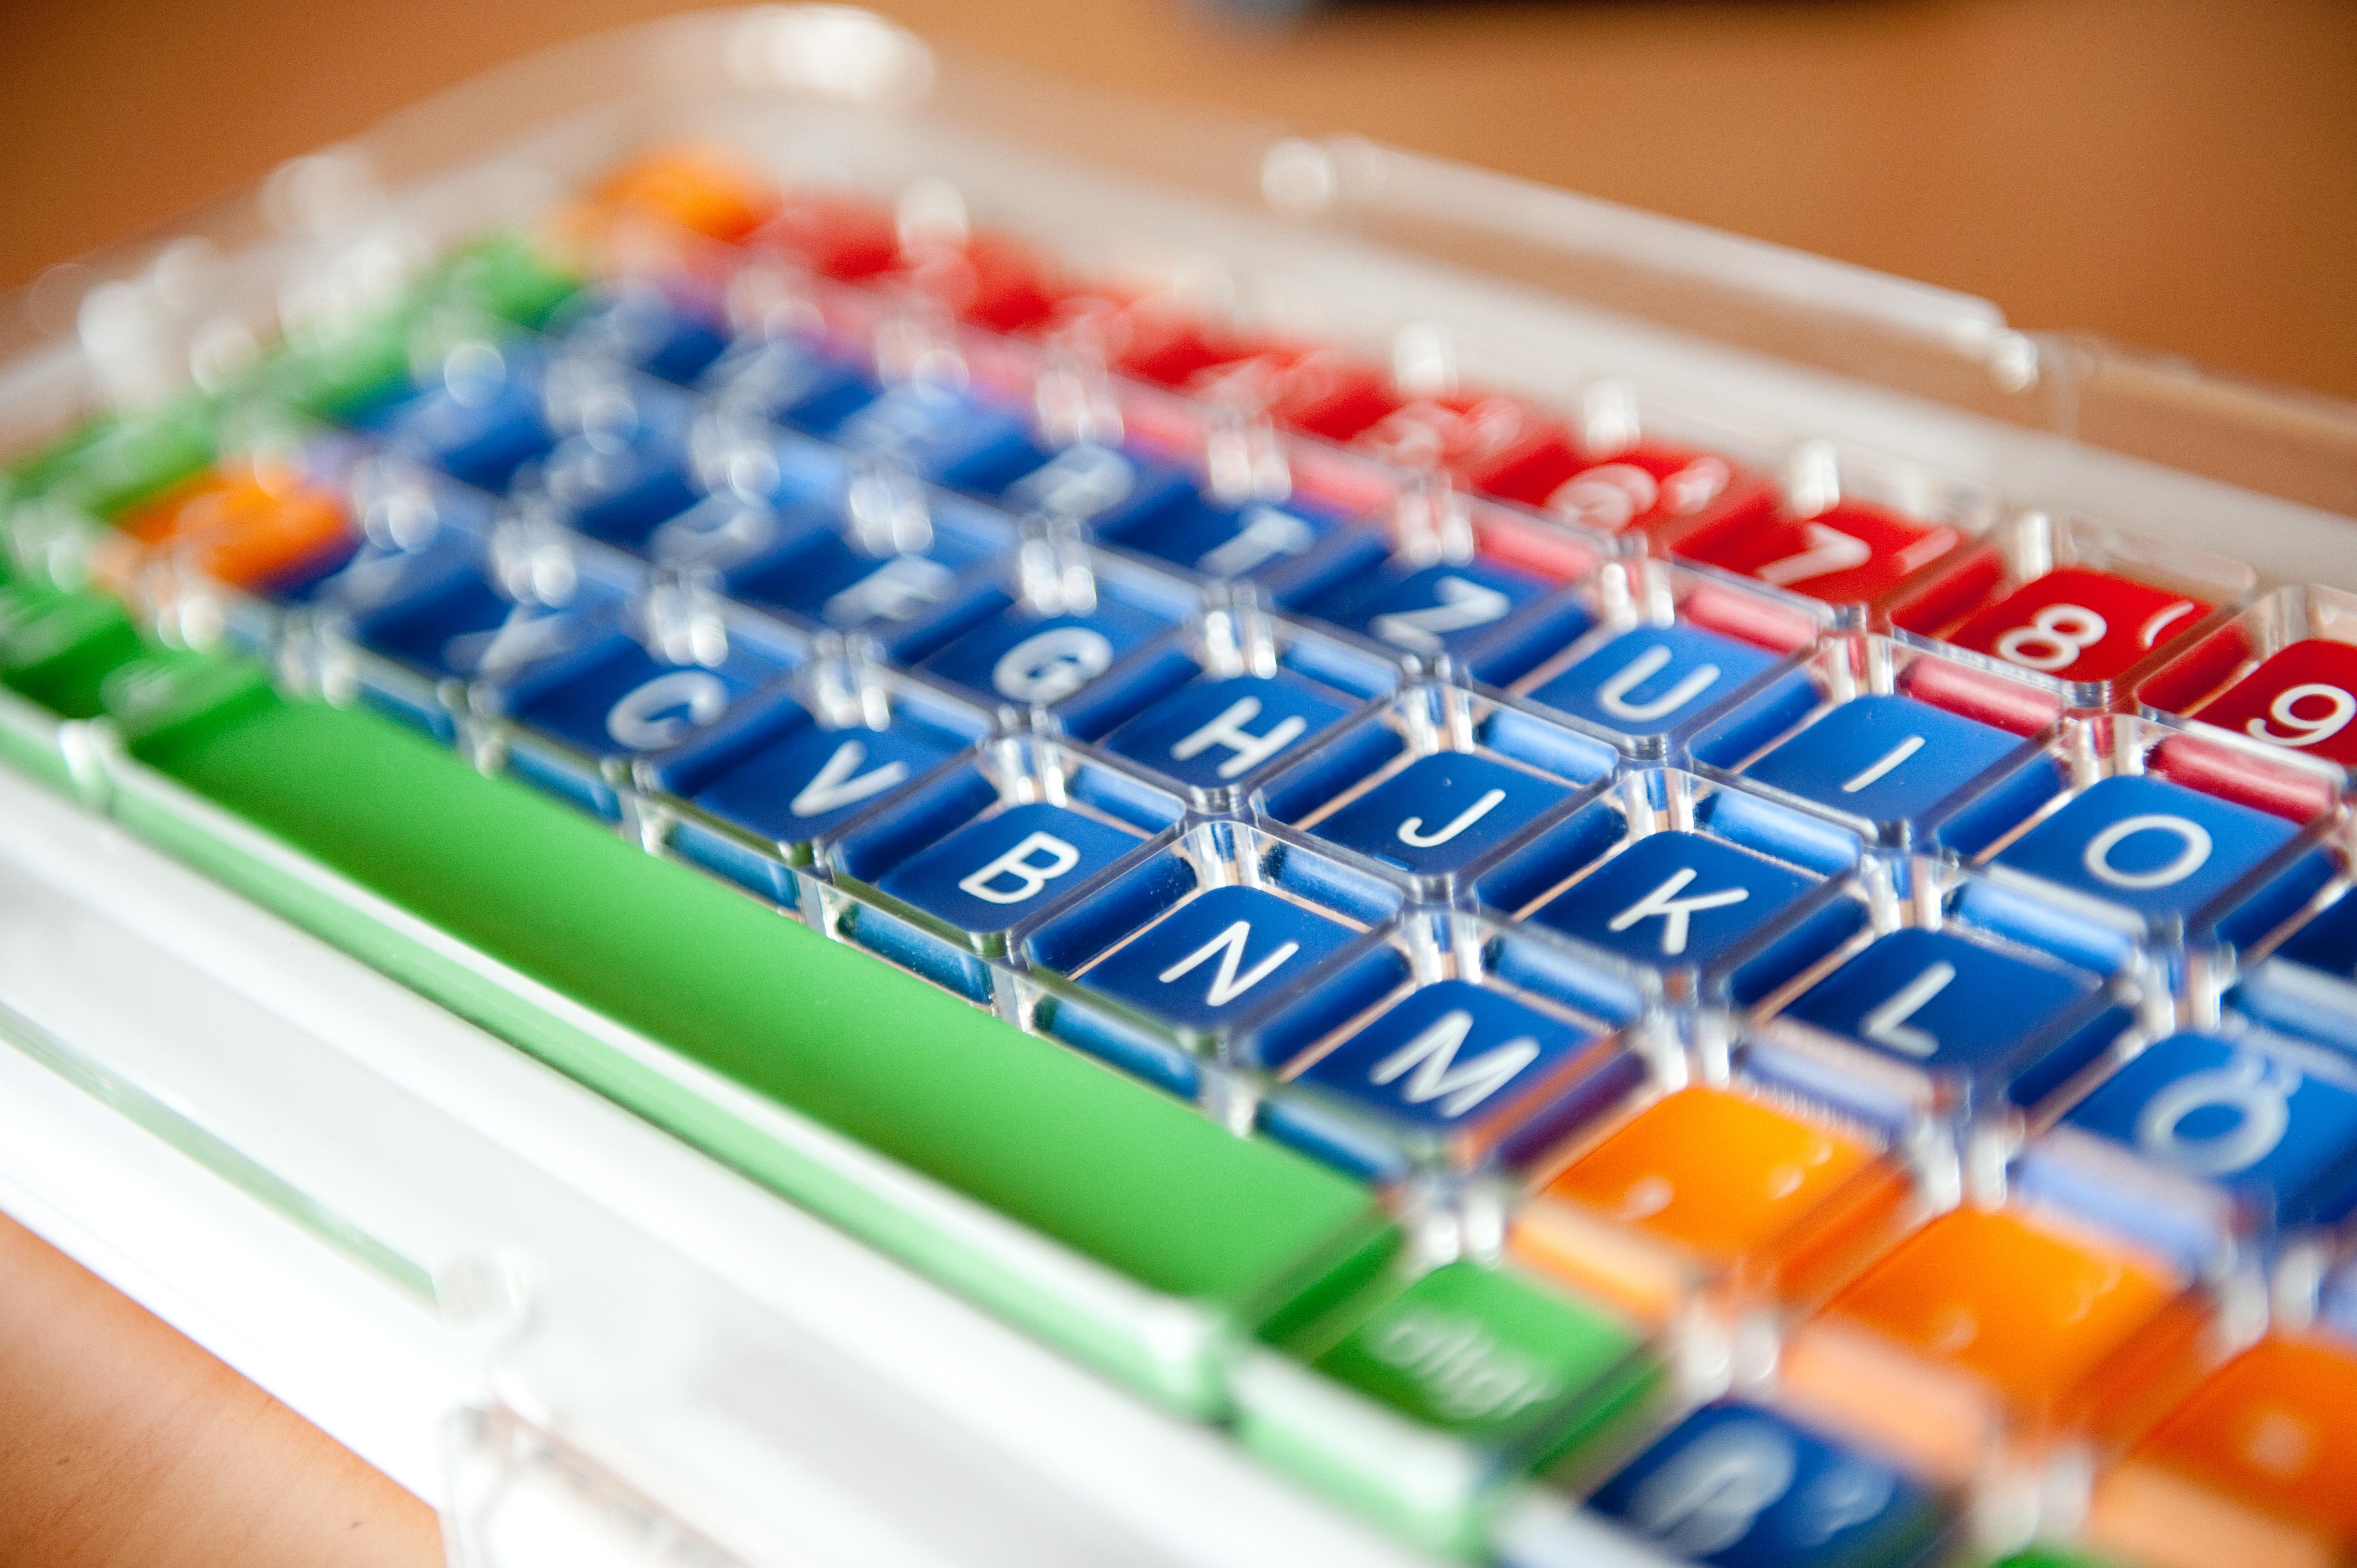 Computertastatur Mit Blauen, Grünen Und Roten Tasten